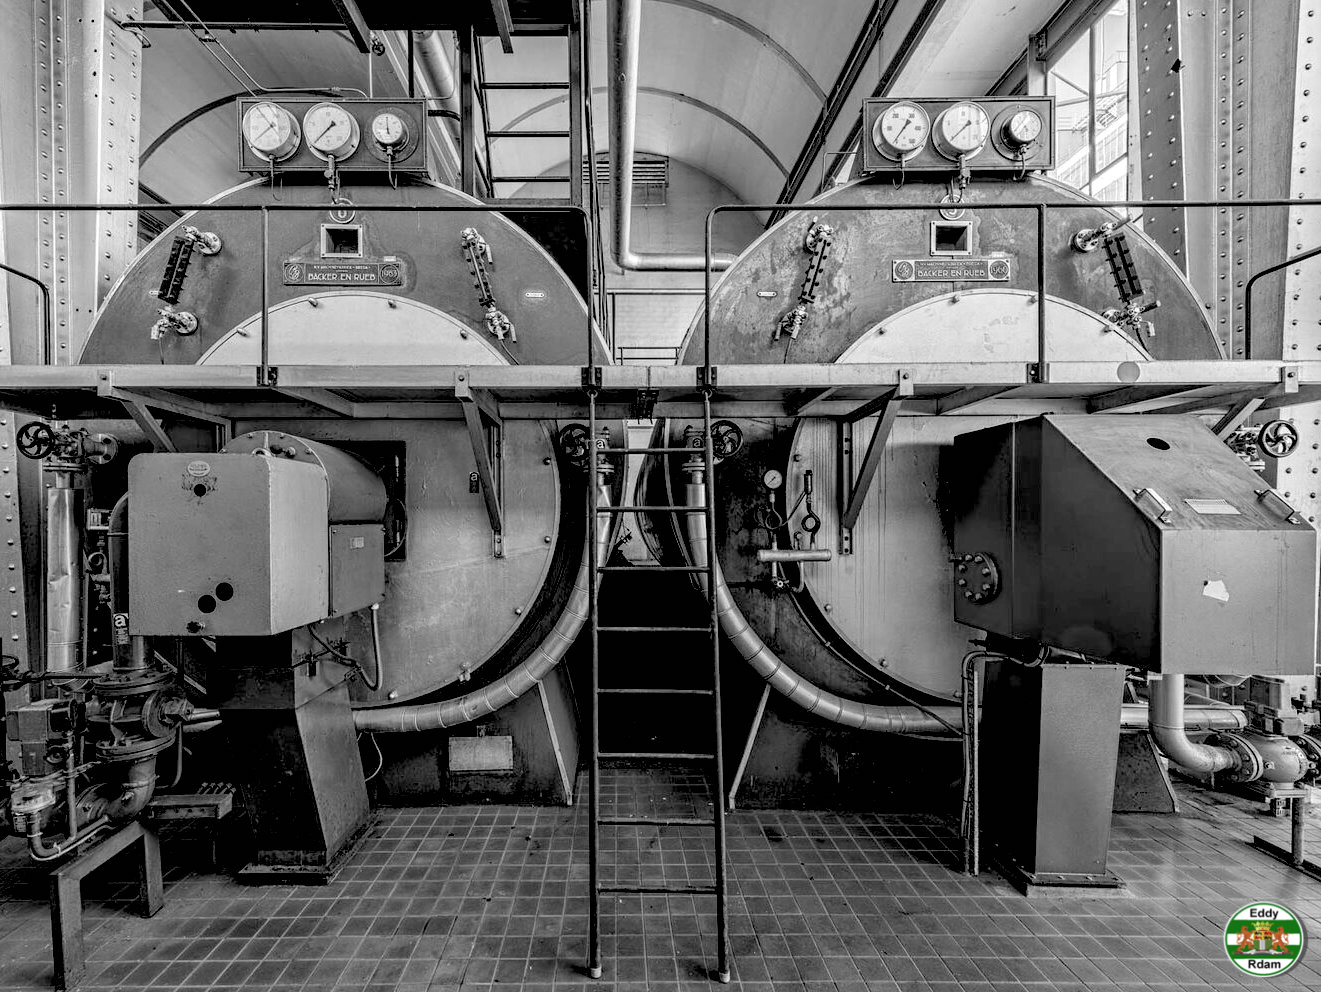 2019. Van Nelle, ketelhuis de kolenbranders zijn vervangen